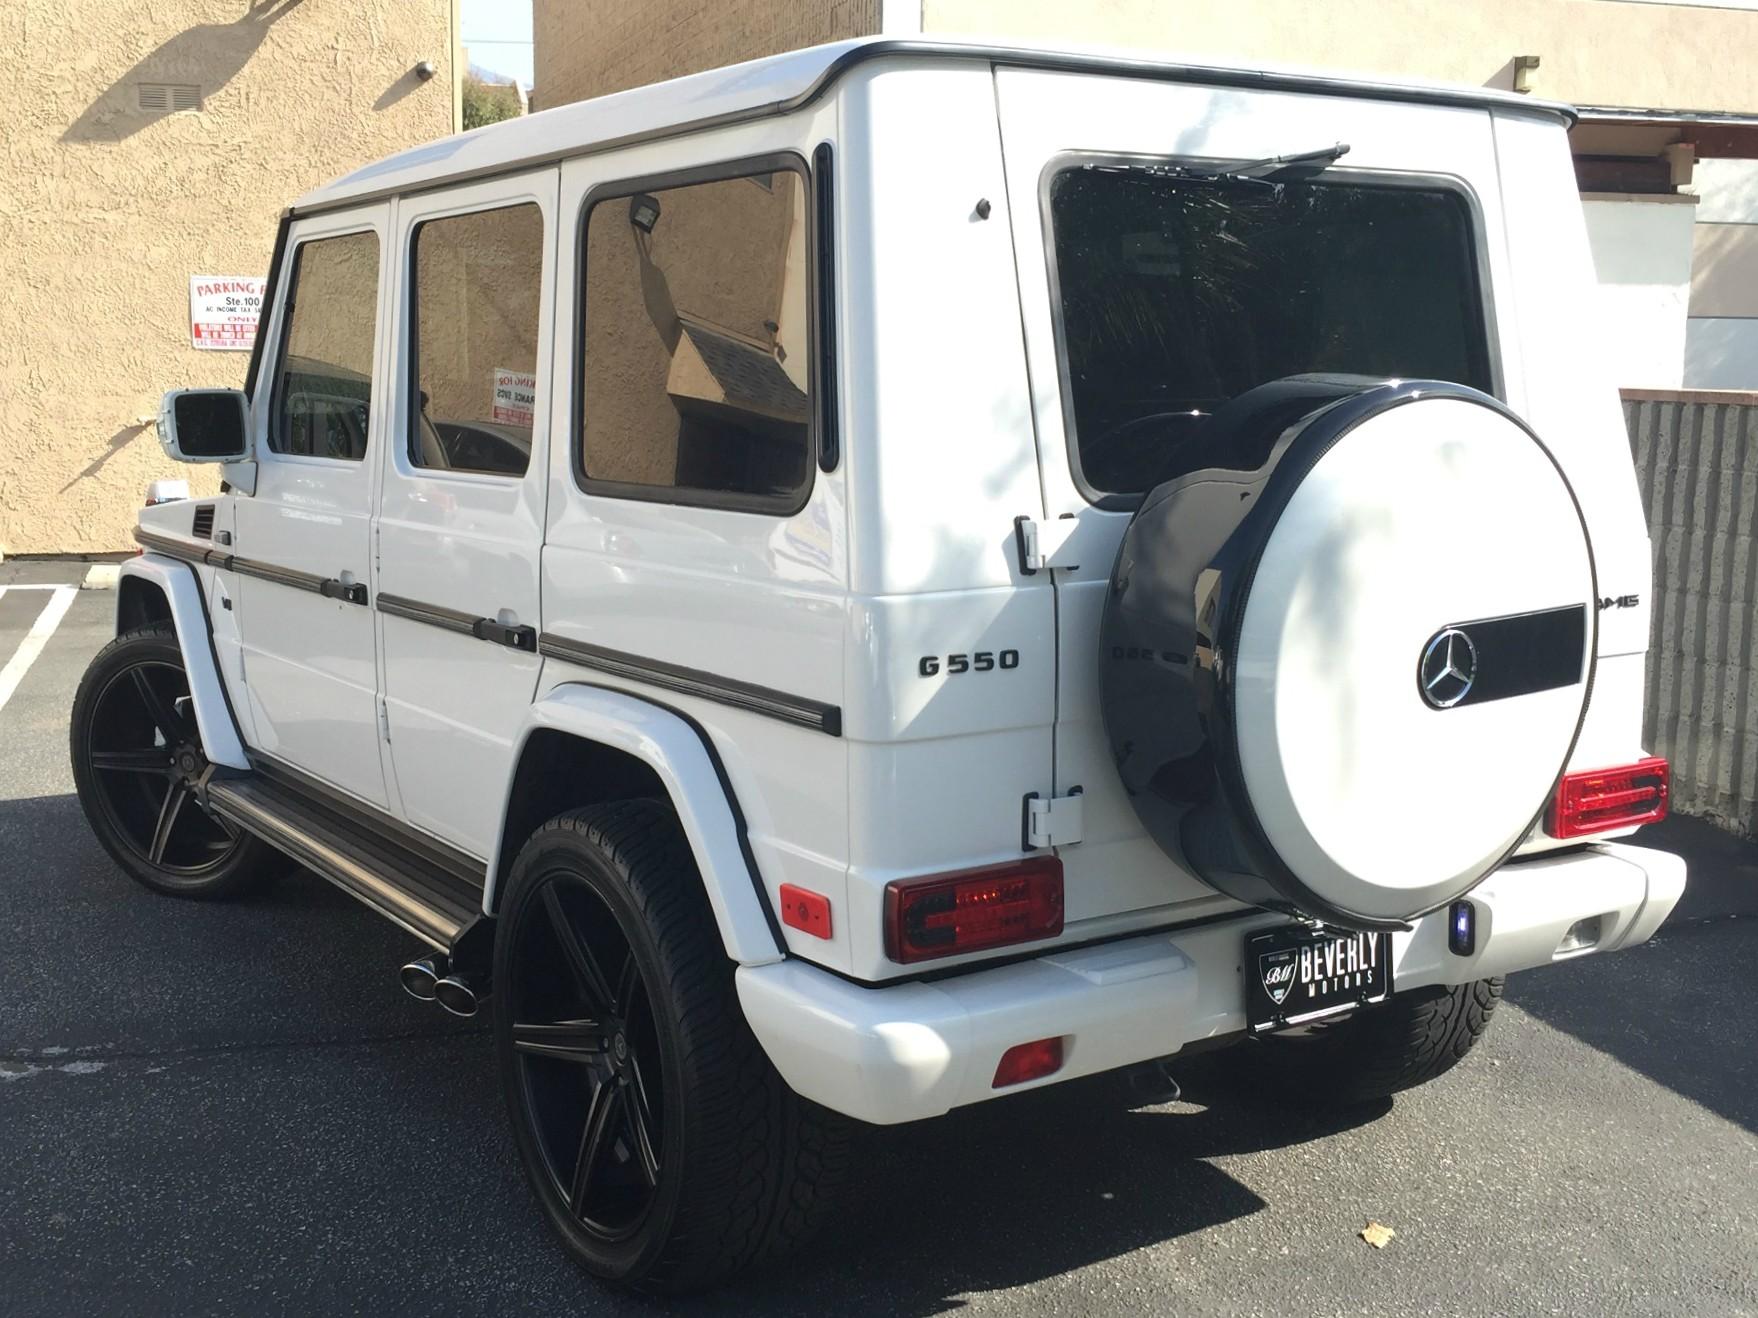 2002 mercedes benz g500 white on black g55 g550 amg brabus gwagon gwagen gelik wald black bison hamann g class for sale 26 - Mercedes G Class 2015 Black